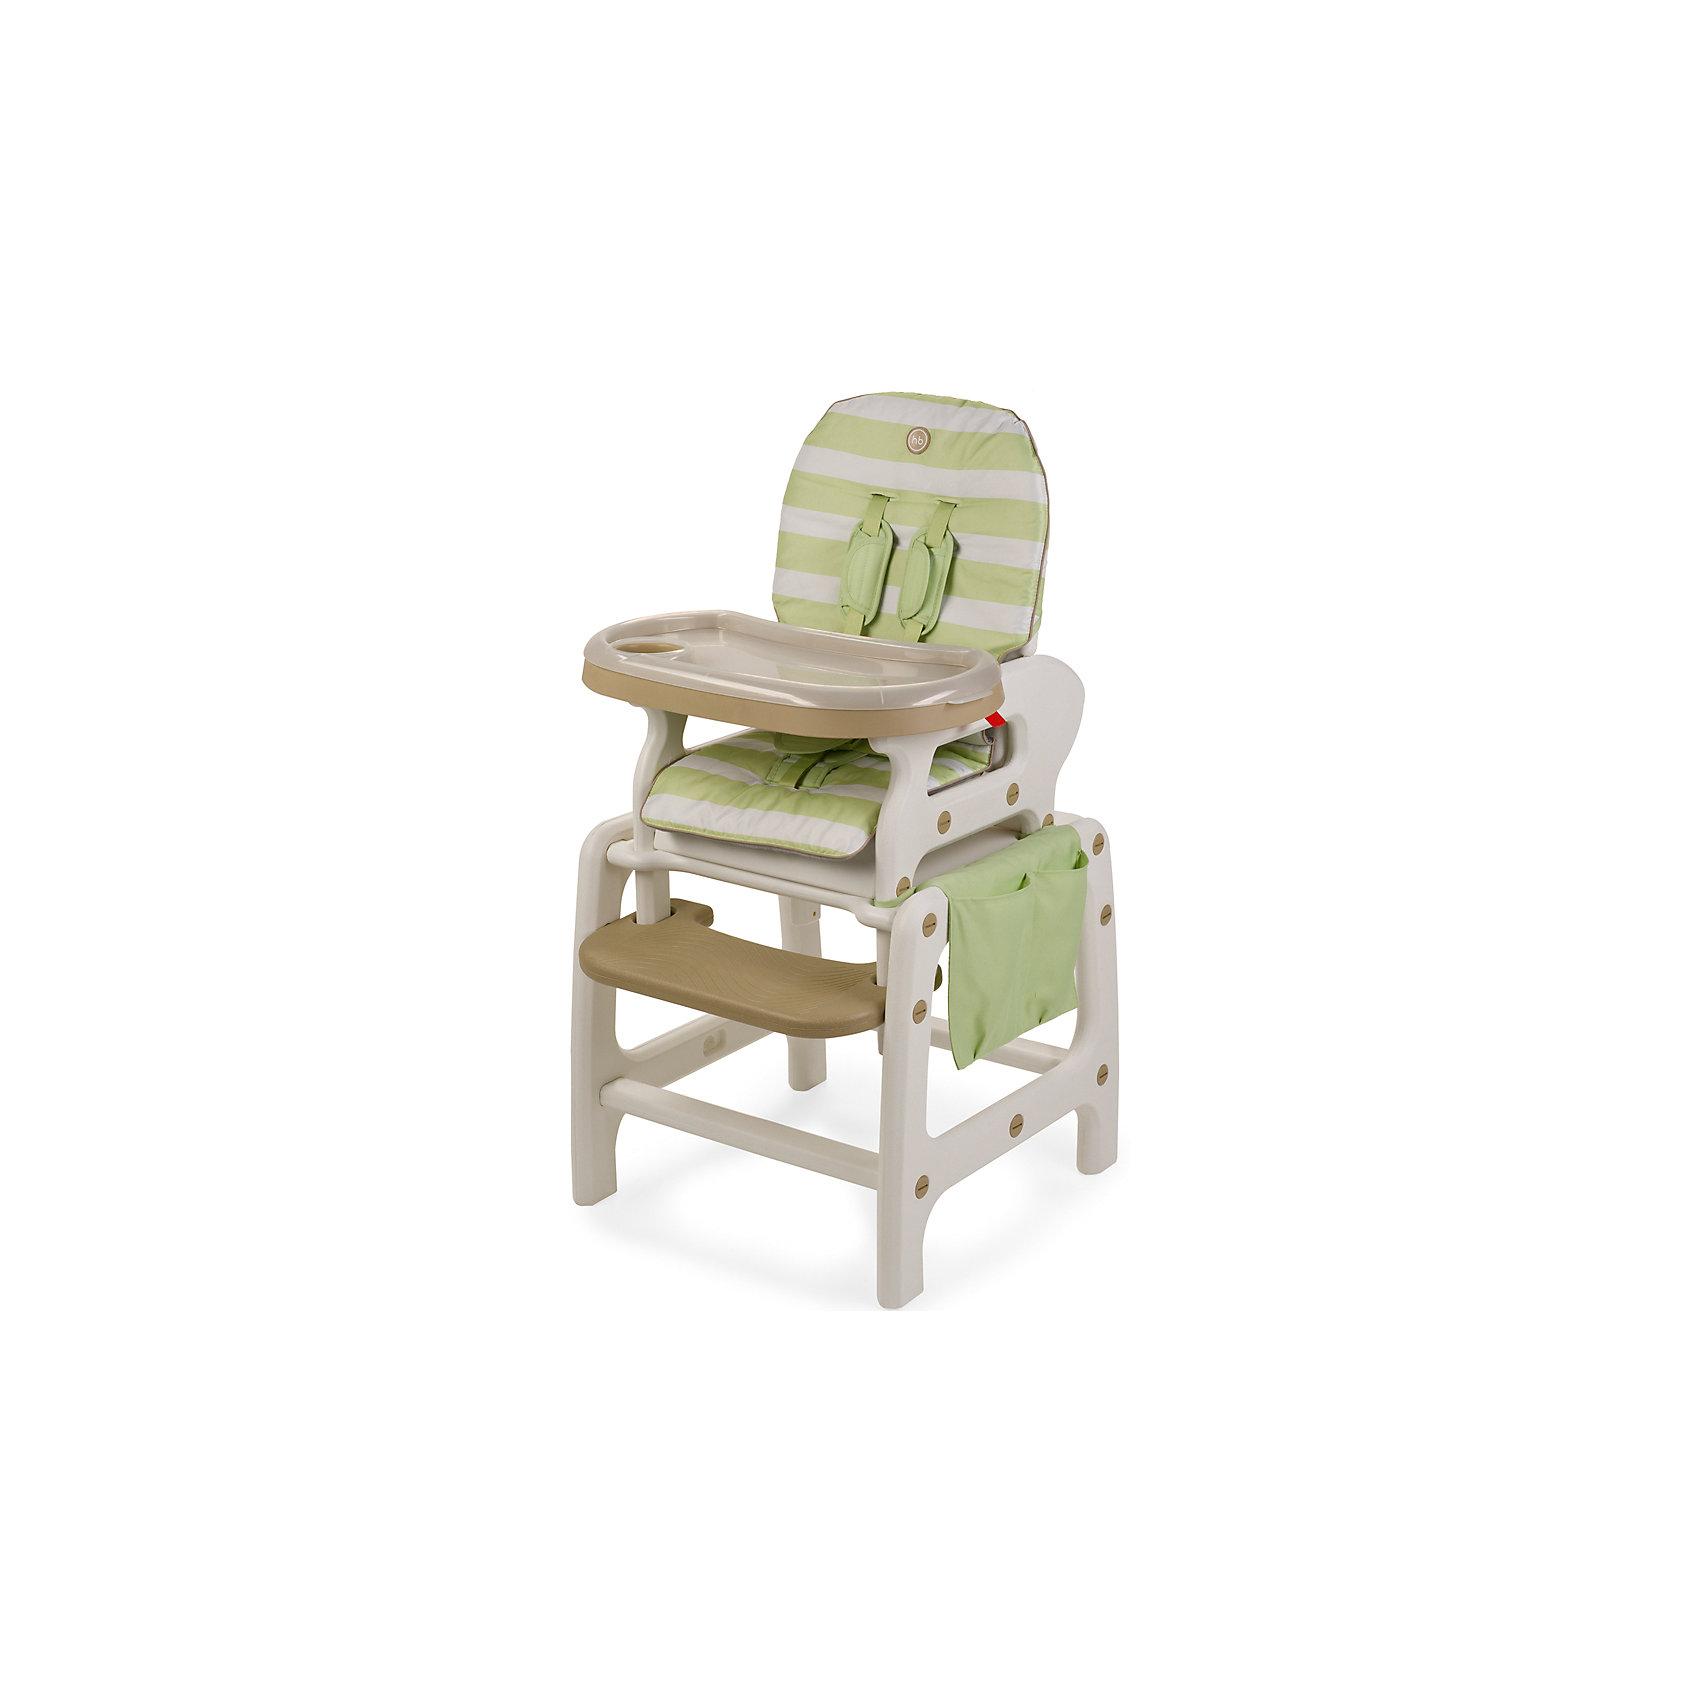 Стульчик-трансформер Oliver V2, Happy Baby, зеленыйСтульчик-трансформер Oliver V2, Happy Baby, обеспечит комфорт и безопасность Вашего малыша во время кормления. Оригинальная конструкция позволяет использовать стульчик в 3-х положениях, в зависимости от возраста и потребностей малыша: 1. высокий стульчик для кормления малыша, 2. в качестве кресла-качалки и 3. как парту, за которой малыш будет учиться, рисовать и играть. У стульчика удобные сиденье и спинка, пятиточечные ремни безопасности надёжно удерживают ребёнка и регулируются по росту. Спинка с 3 положениями наклона, в том числе полулежа, и подставка для ножек создают малышу дополнительный комфорт. Удобная столешница со съемным подносом легко снимается и регулируется по глубине в 6 положениях. Сбоку стульчика имеется вместительный тканевый карман для детских принадлежностей и мелочей. В комплект входят дуги для качания, которые легко присоединяются к ножкам стульчика, превращая его в комфортное кресло-качалку.<br>Для малышей постарше, которые уже могут есть самостоятельно, поднос можно снять и превратить конструкцию в обычный стул, чтобы ребенок мог есть за общим столом. Когда ребенок подрастет, высокий стульчик легко трансформируется в компактный маленький стульчик и столик, за которым малыш сможет есть как взрослый, рисовать или играть в настольные игры. Стульчик и столик не имеют острых углов, устойчивы к ударам и падениям и полностью безопасны для малыша. Съемное тканевое покрытие из водонепроницаемого материала легко снимать и чистить. Подходит для детей в возрасте от 6 месяцев, максимальный вес - 18 кг.<br><br>Дополнительная информация:<br><br>- Цвет: зеленый.<br>- Материал: пластик, текстиль.<br>- Ширина сиденья: 35 см.<br>- Размеры спального места: 80 х 36 см.<br>- Размеры стульчика в разложенном виде: 67 х 58 х 103 см.<br>- Размеры в упаковке: 60 х 40 х 53 см.<br>- Вес: 8,2 кг.<br><br>Стульчик-трансформер Oliver V2, Happy Baby, зеленый, можно купить в нашем интернет-магазине.<br><br>Ширина мм: 600<br>Гл